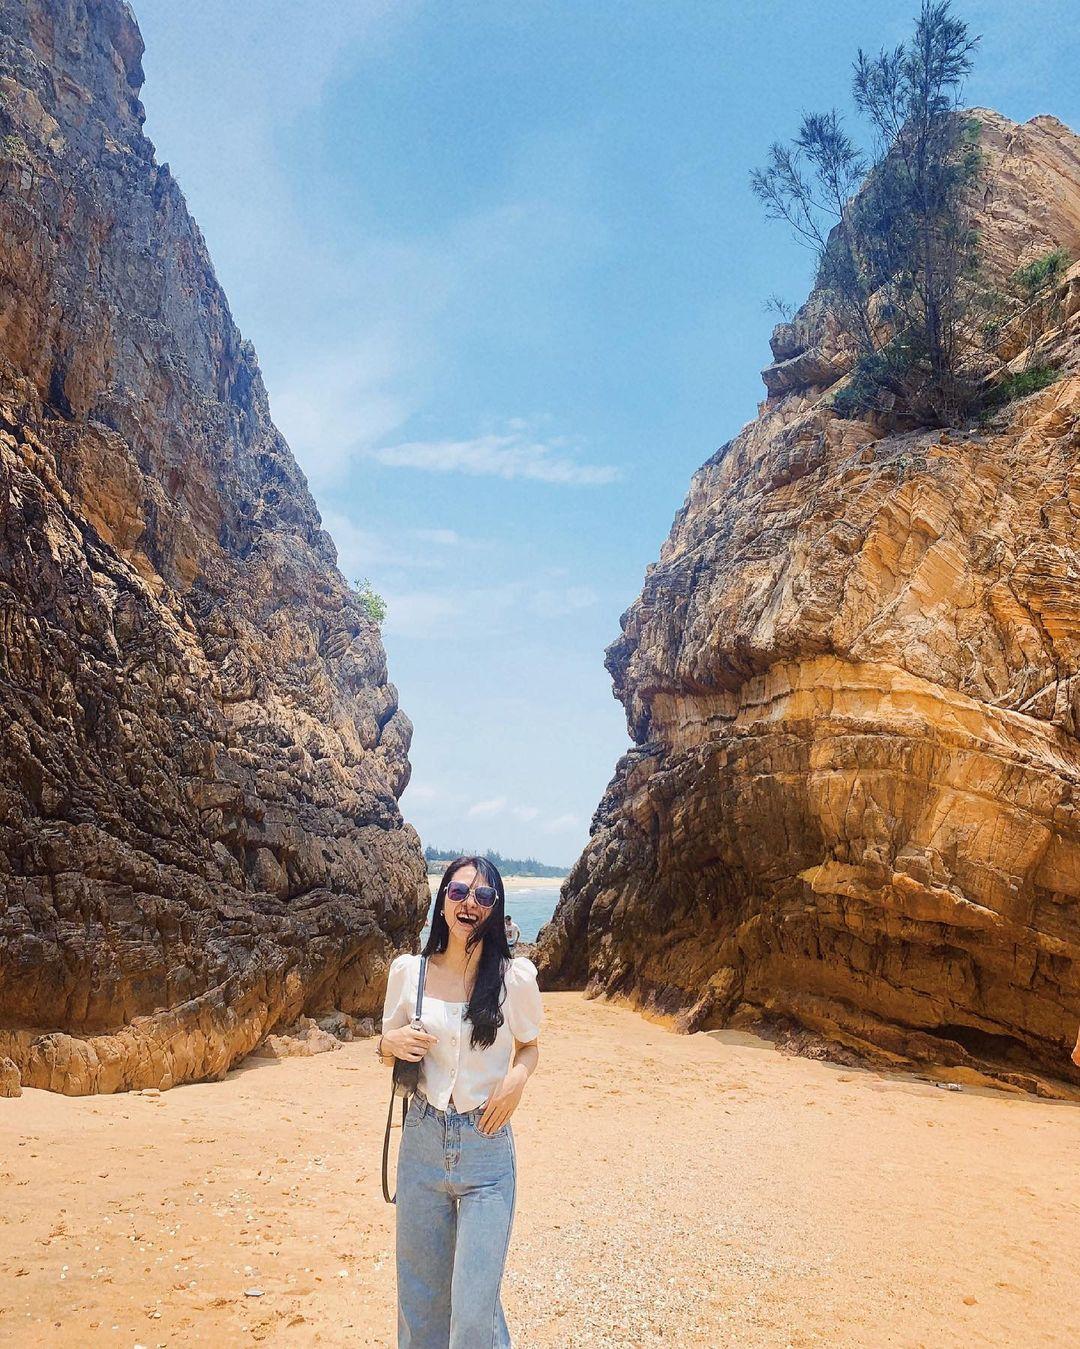 Bãi Đá Nhảy - điểm checkin đẹp trong Tour Quảng Bình 3 ngày 2 đêm